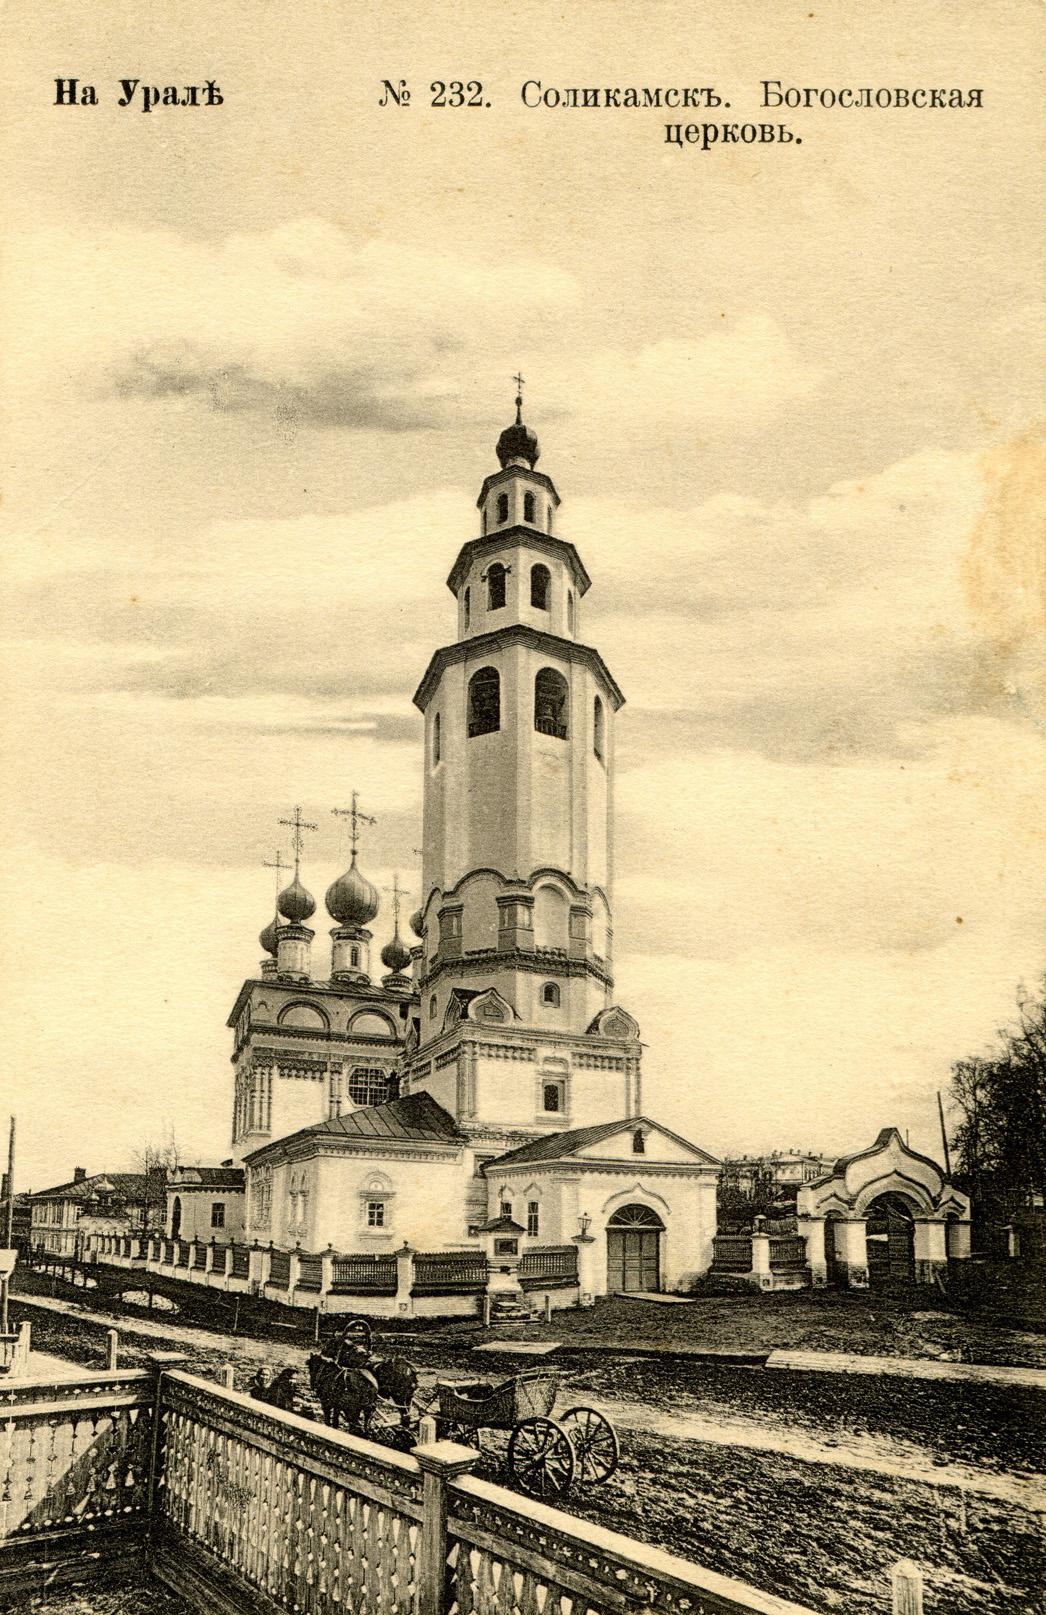 Богословская церковь